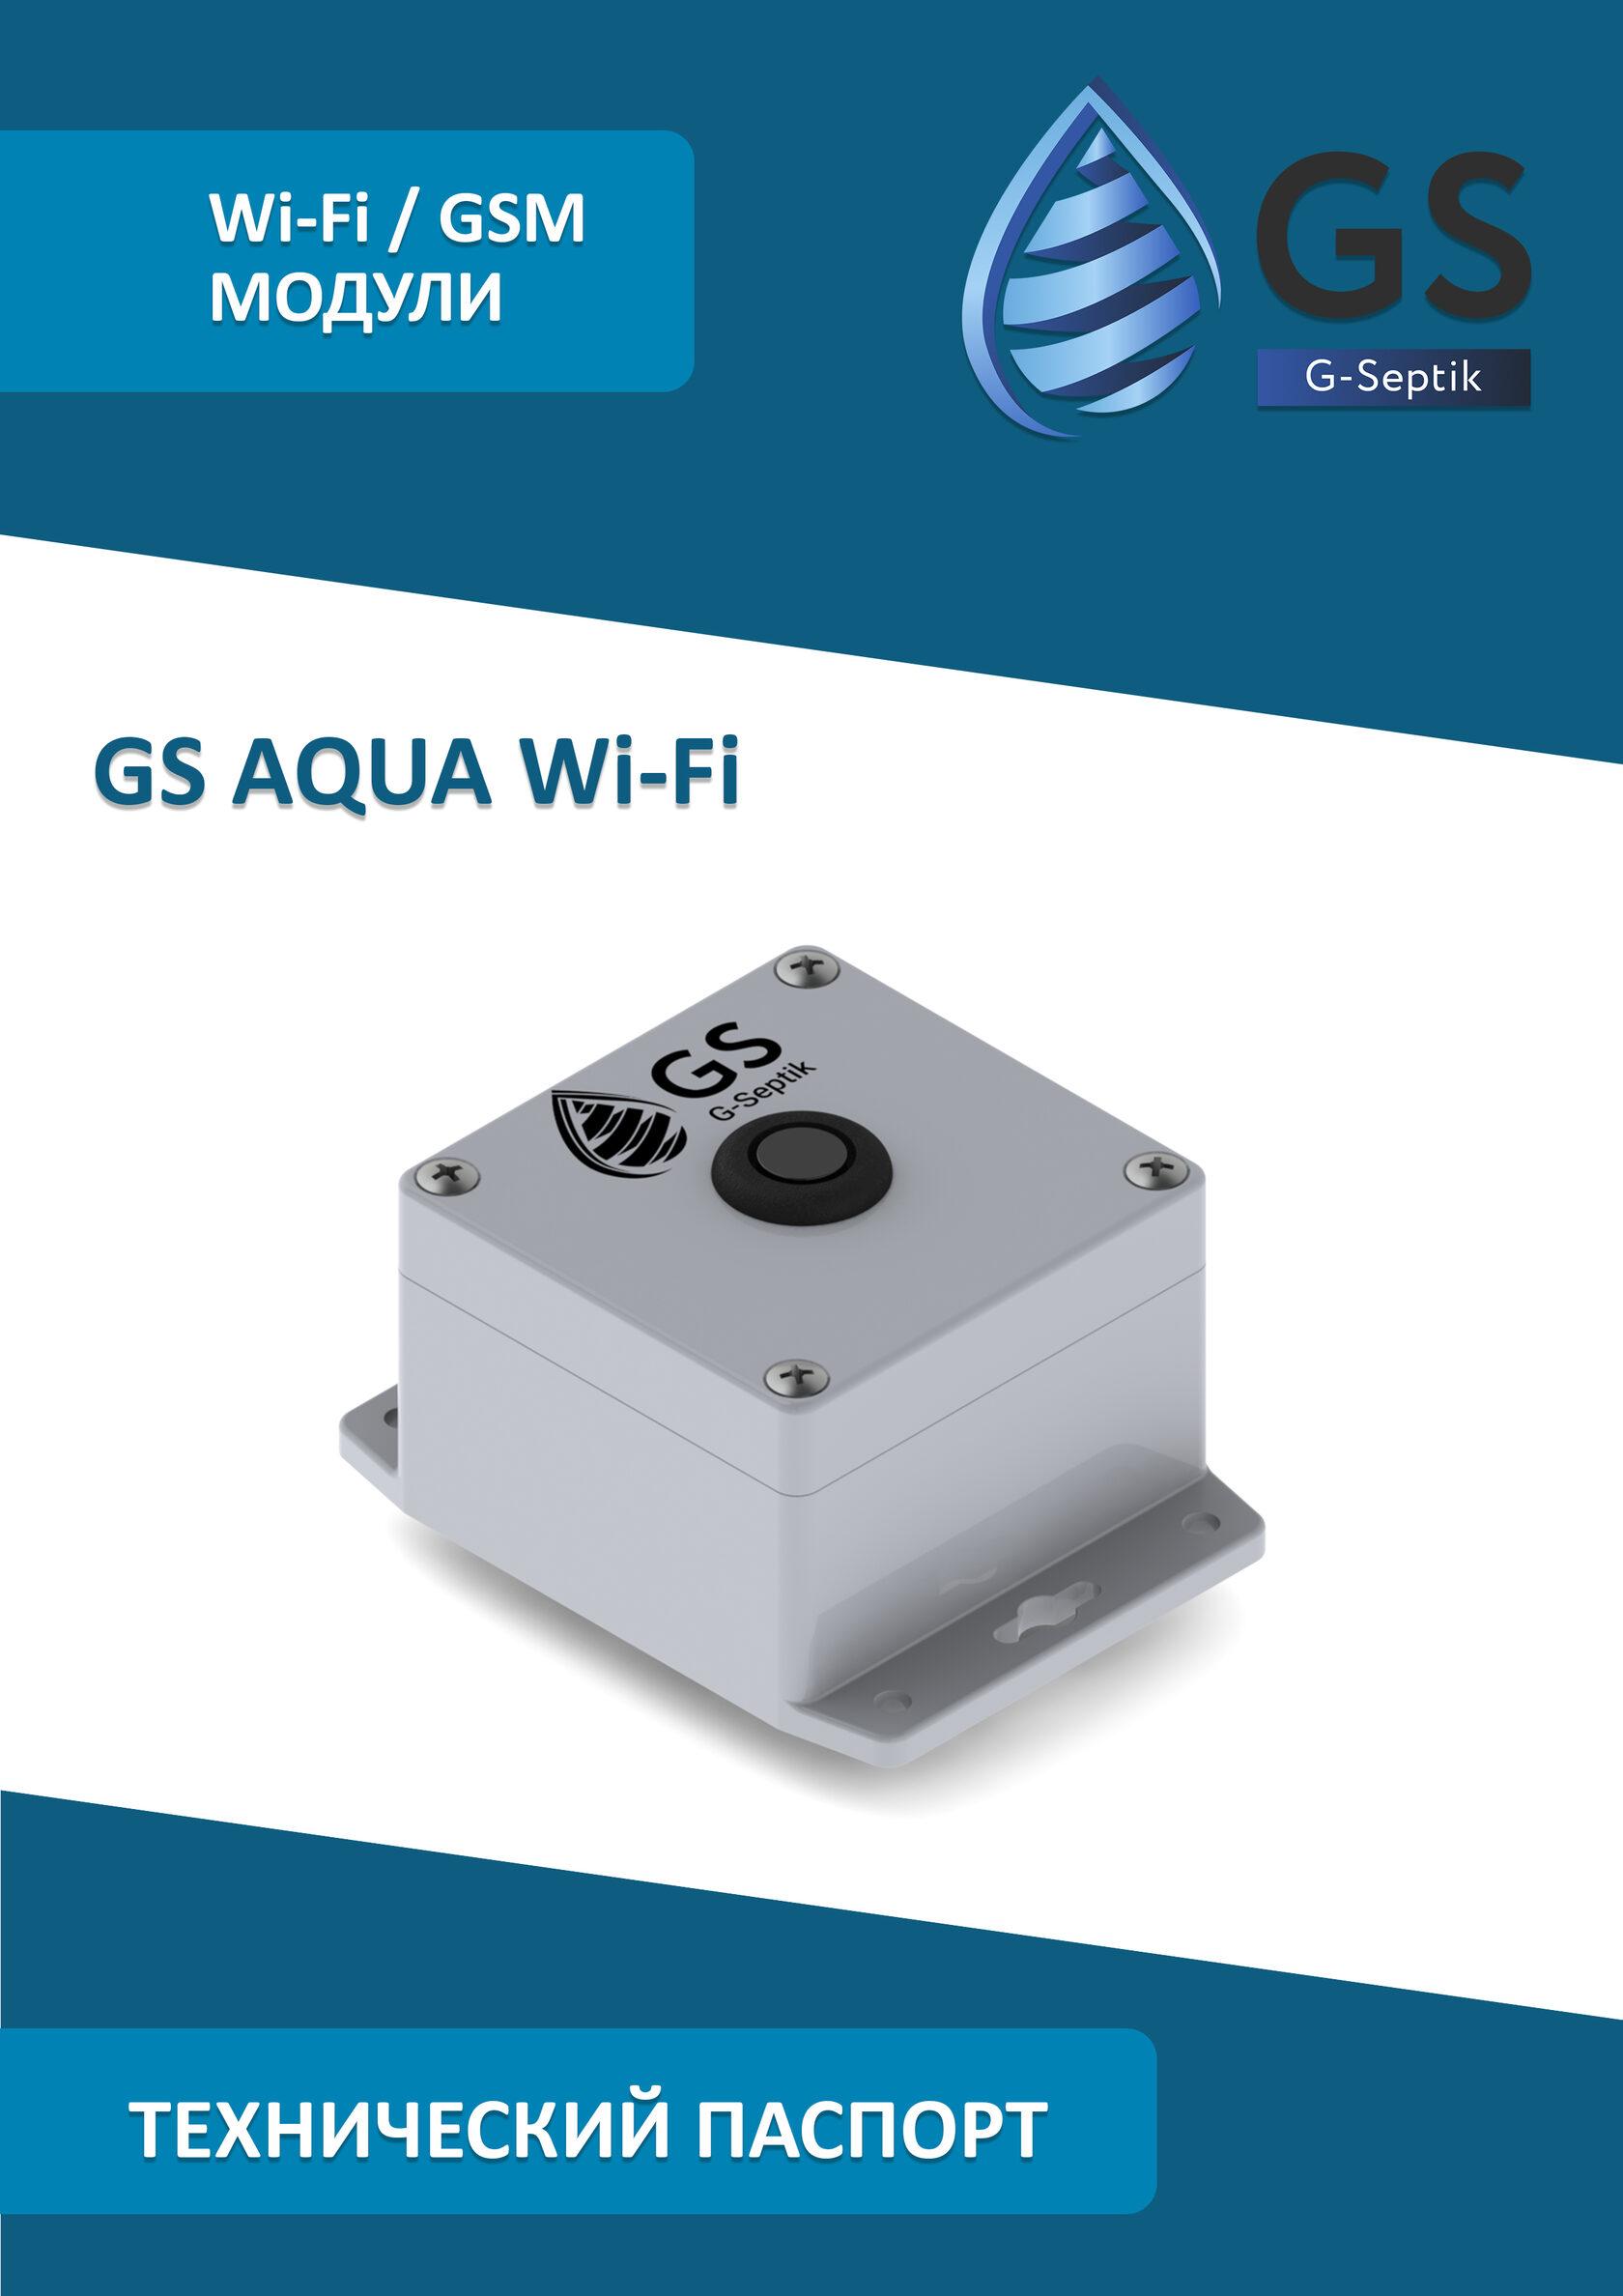 Технический паспорт GS BiO-S Wi-Fi